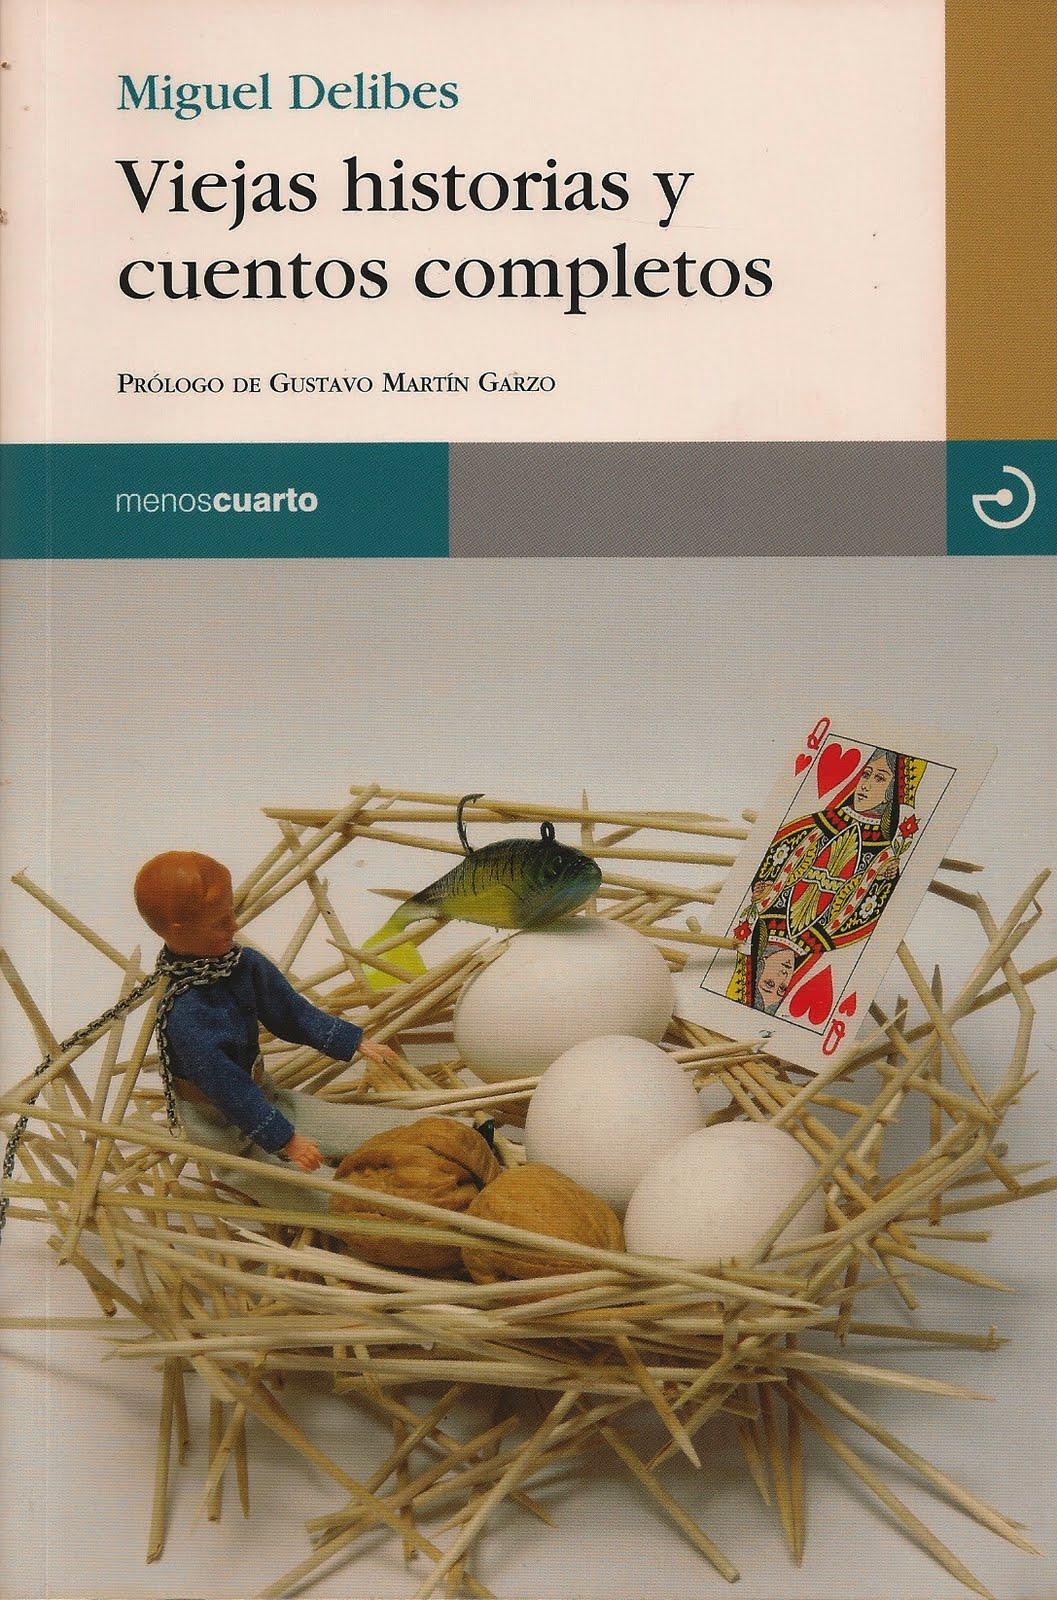 Portada del libro Viejas historias y cuentos completos, de Miguel Delibes